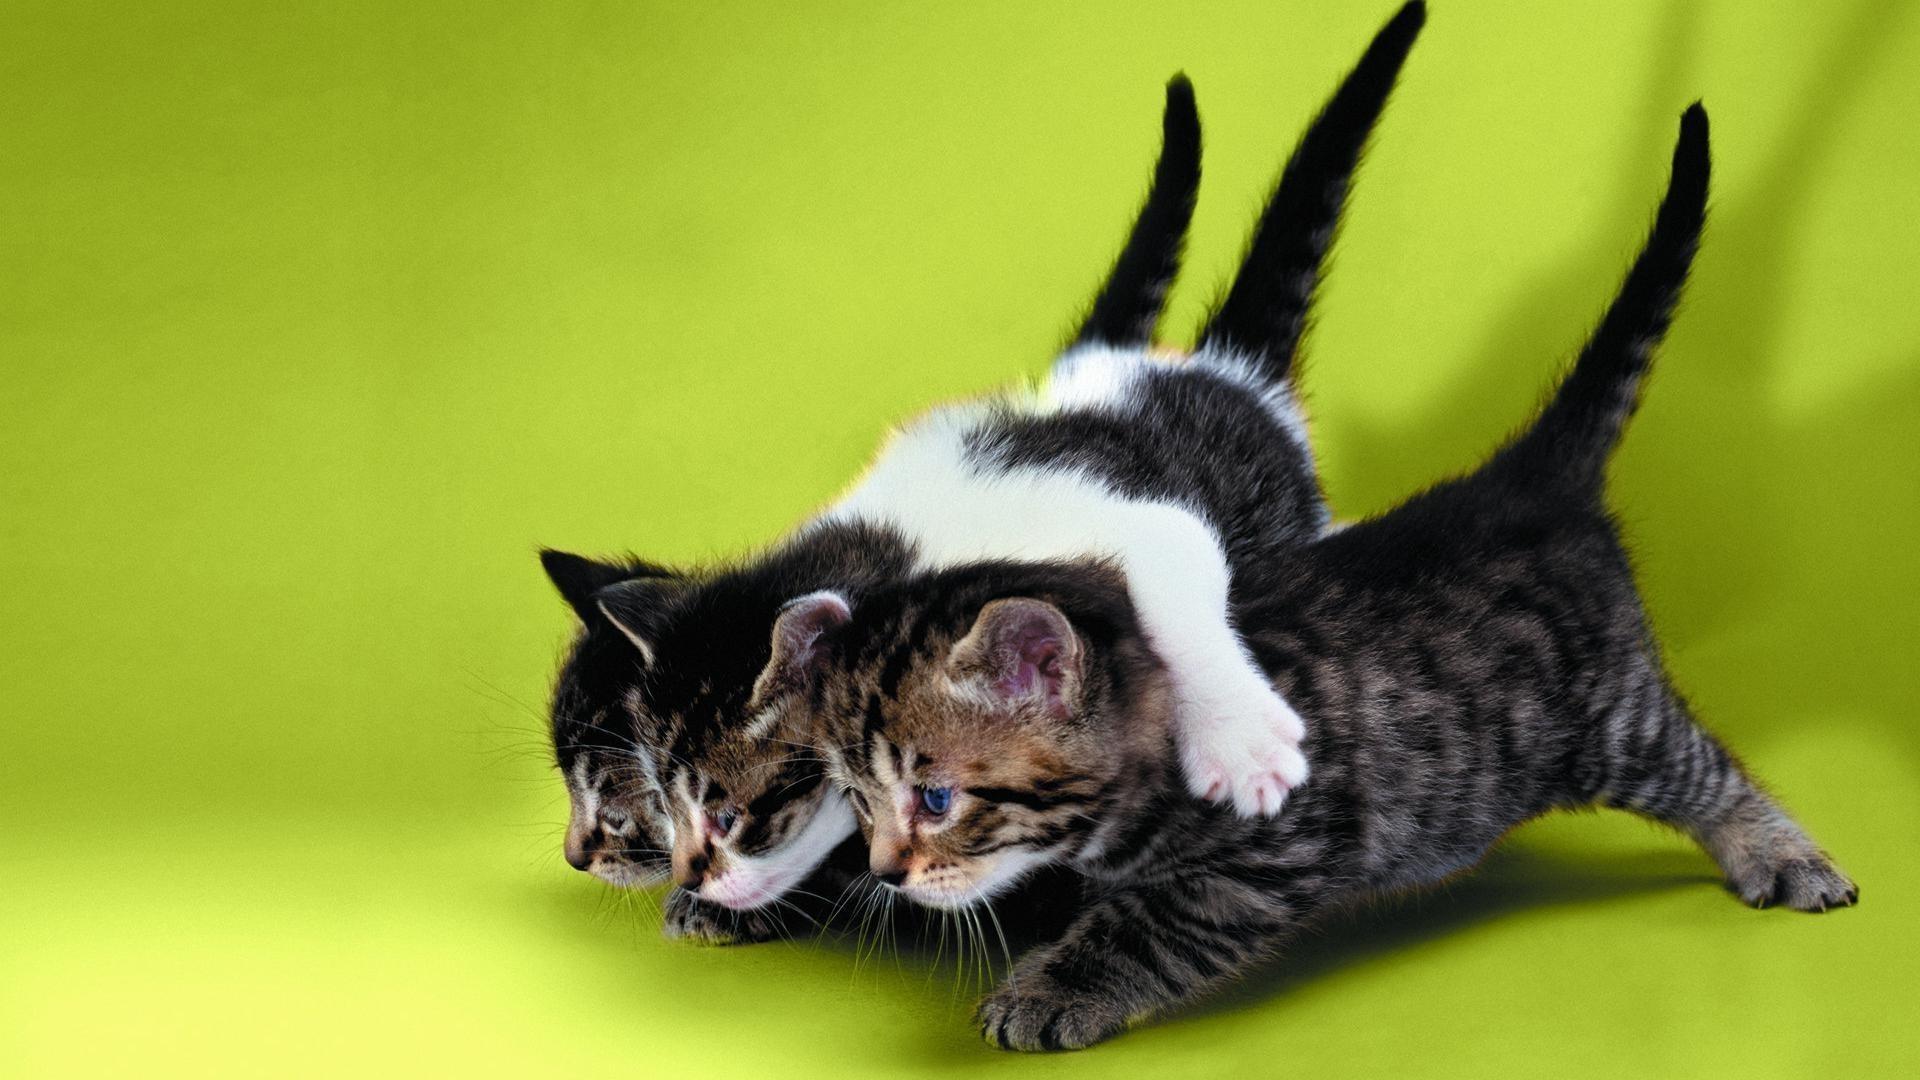 Картинки на рабочий стол котов смешных